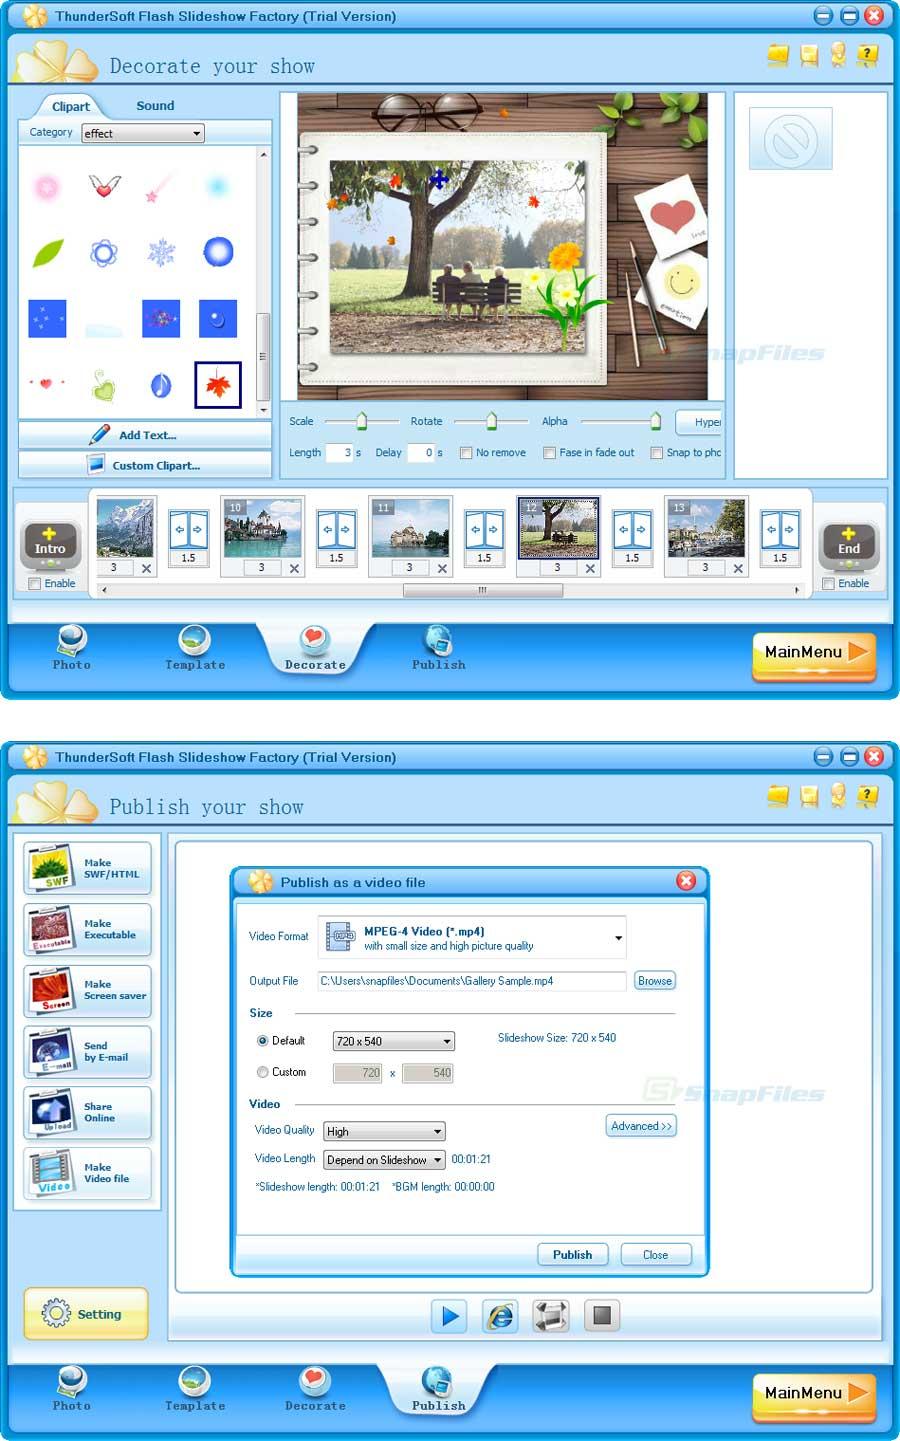 screenshot of ThunderSoft Flash Slideshow Factory